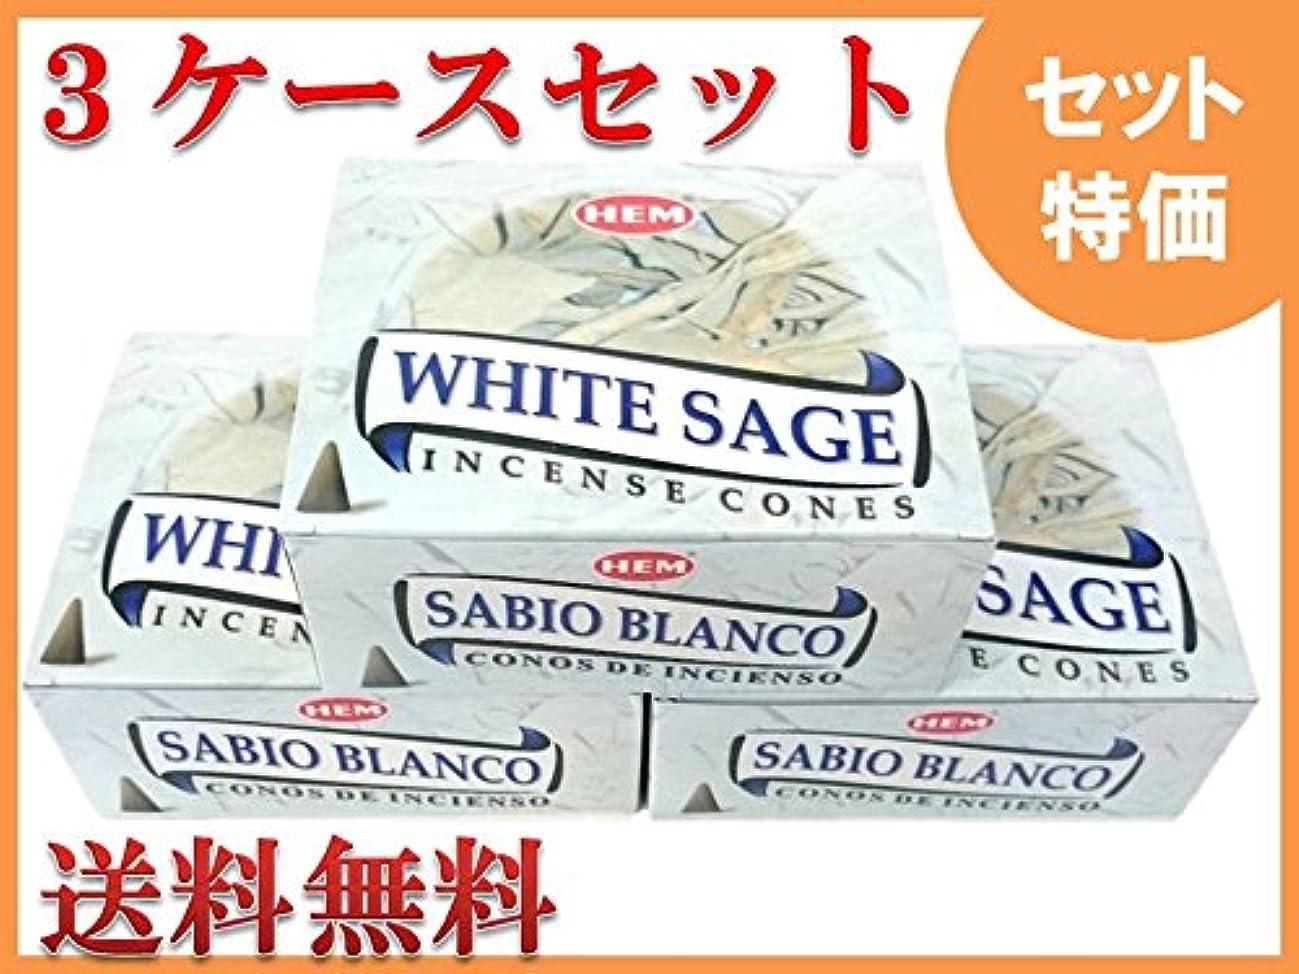 ディスパッチ先見の明資本HEM(ヘム)お香コーン:ホワイトセージ 3ケース(36箱)セット/お香コーン/HEMホワイトセージコーン